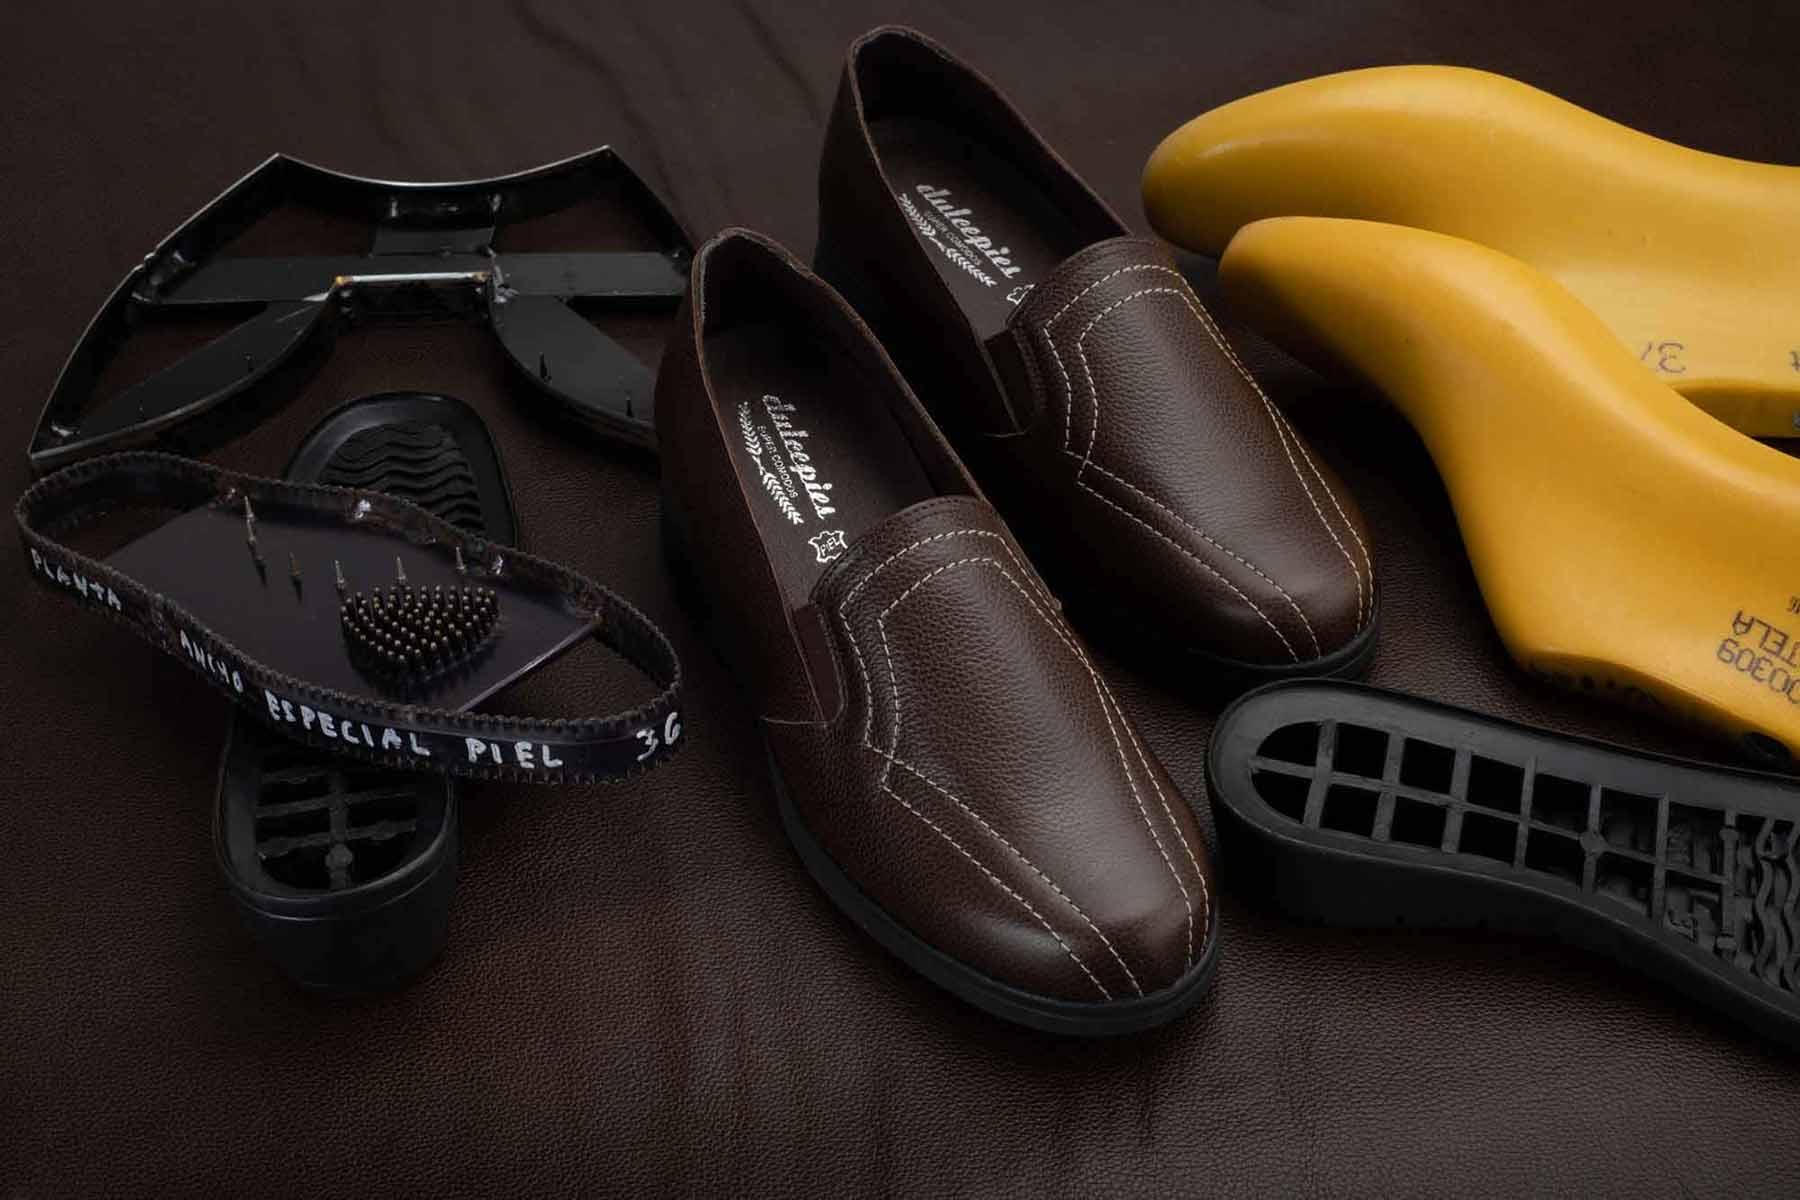 Zapatos marrones con horma amarilla y modelos sobre piel grabada marrón